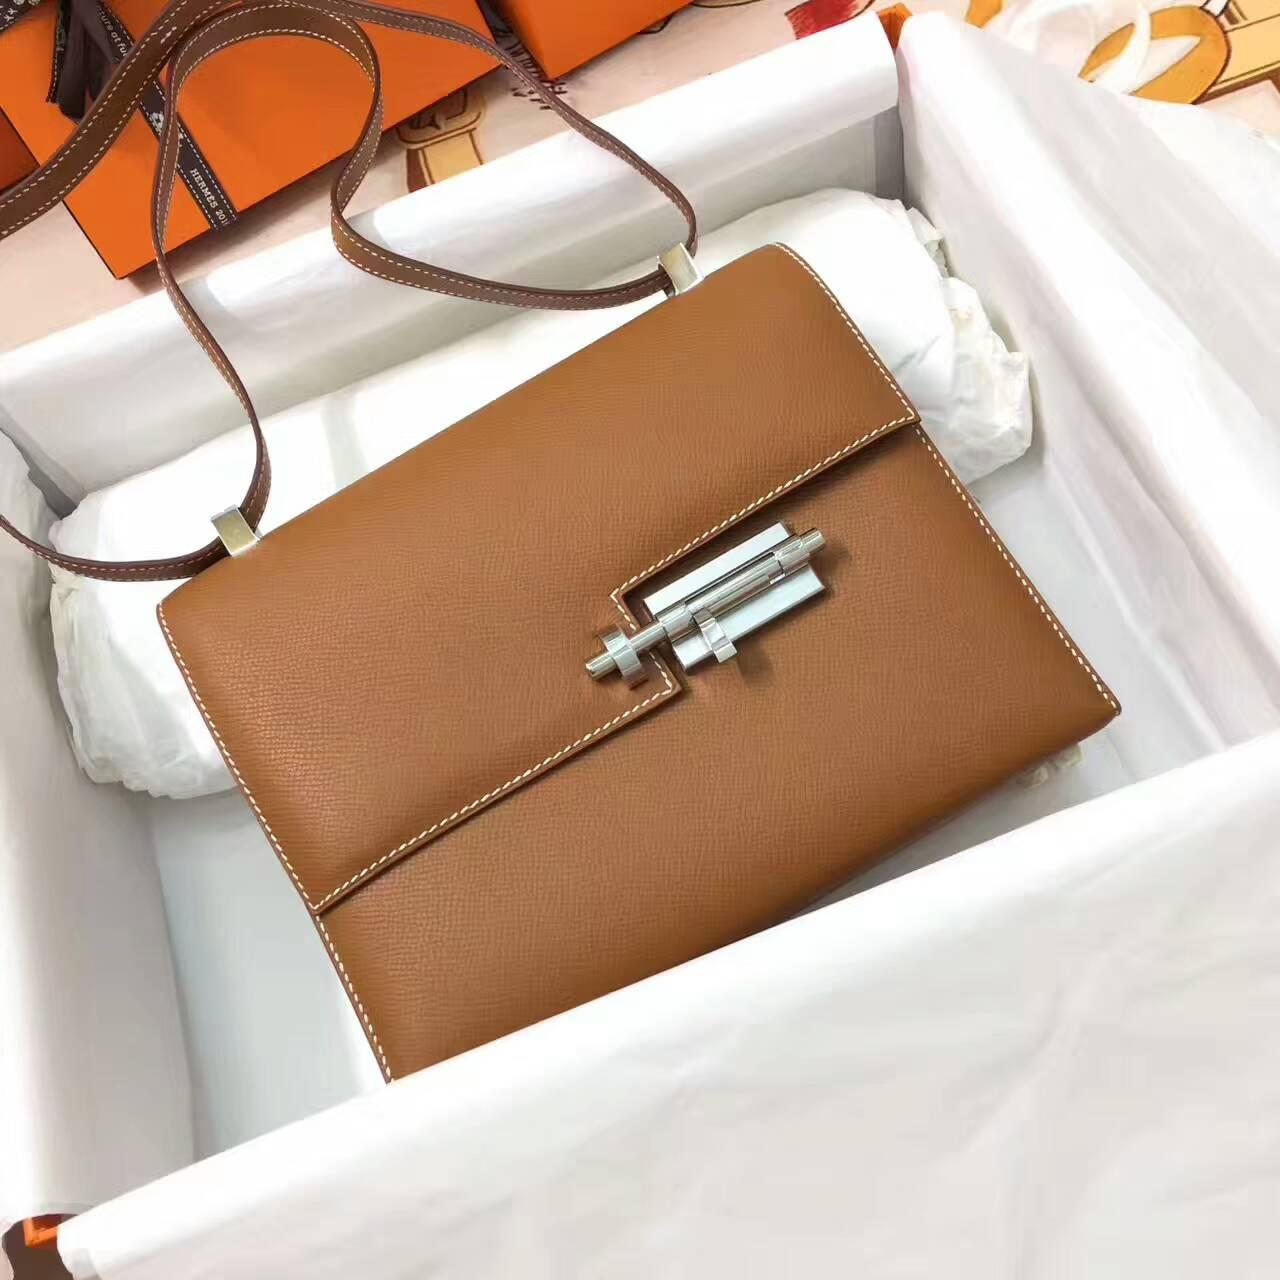 插销包手枪包 爱马仕全球同步发售 Verrou 23cm Epsom 法国原产掌纹皮 37 Gold 金棕土黄 银扣